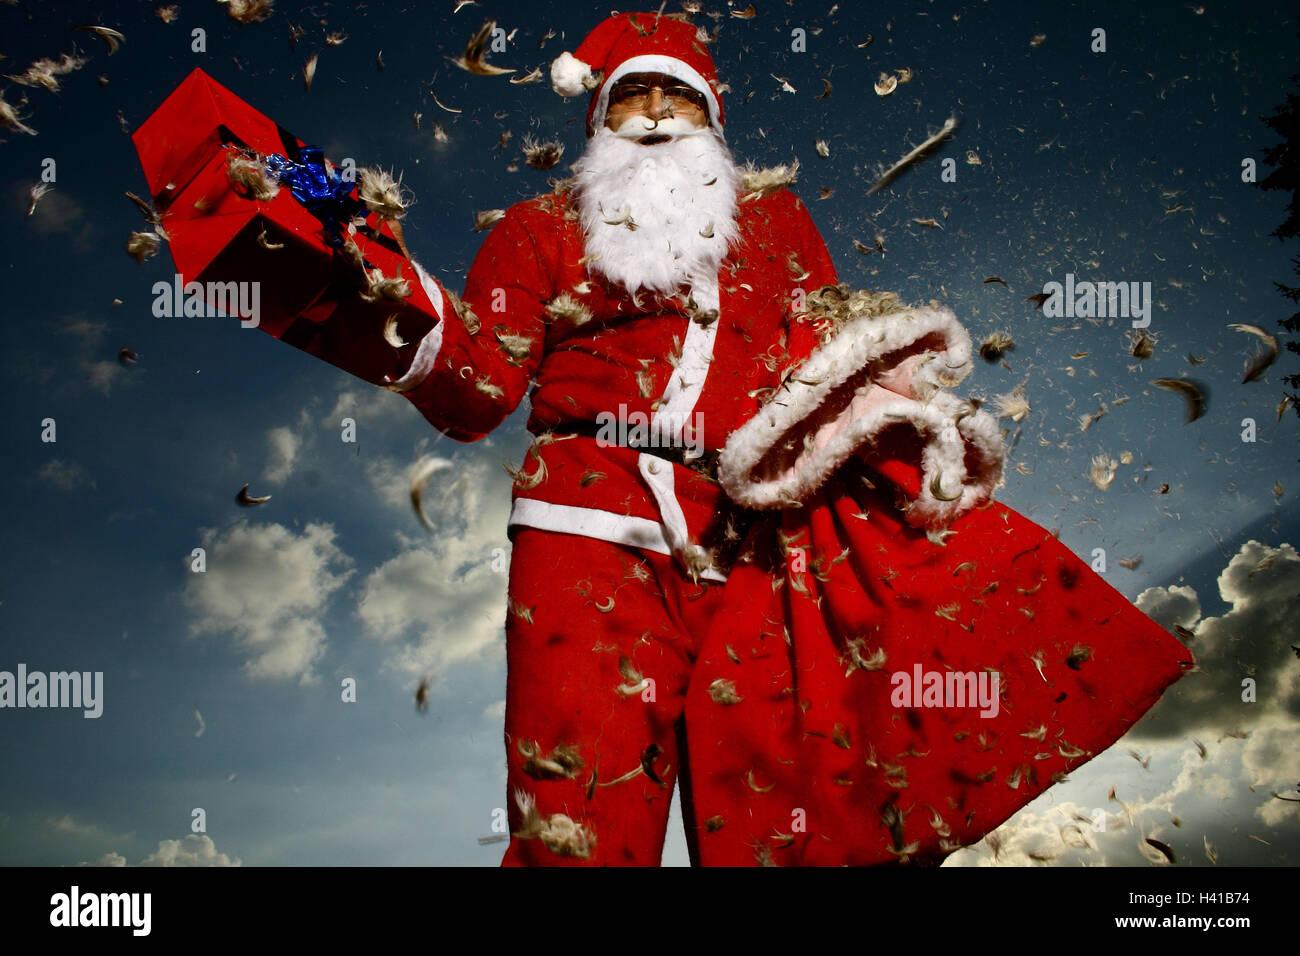 Weihnachten, Weihnachts-Arrangement, Weihnachtsgeschenk ...